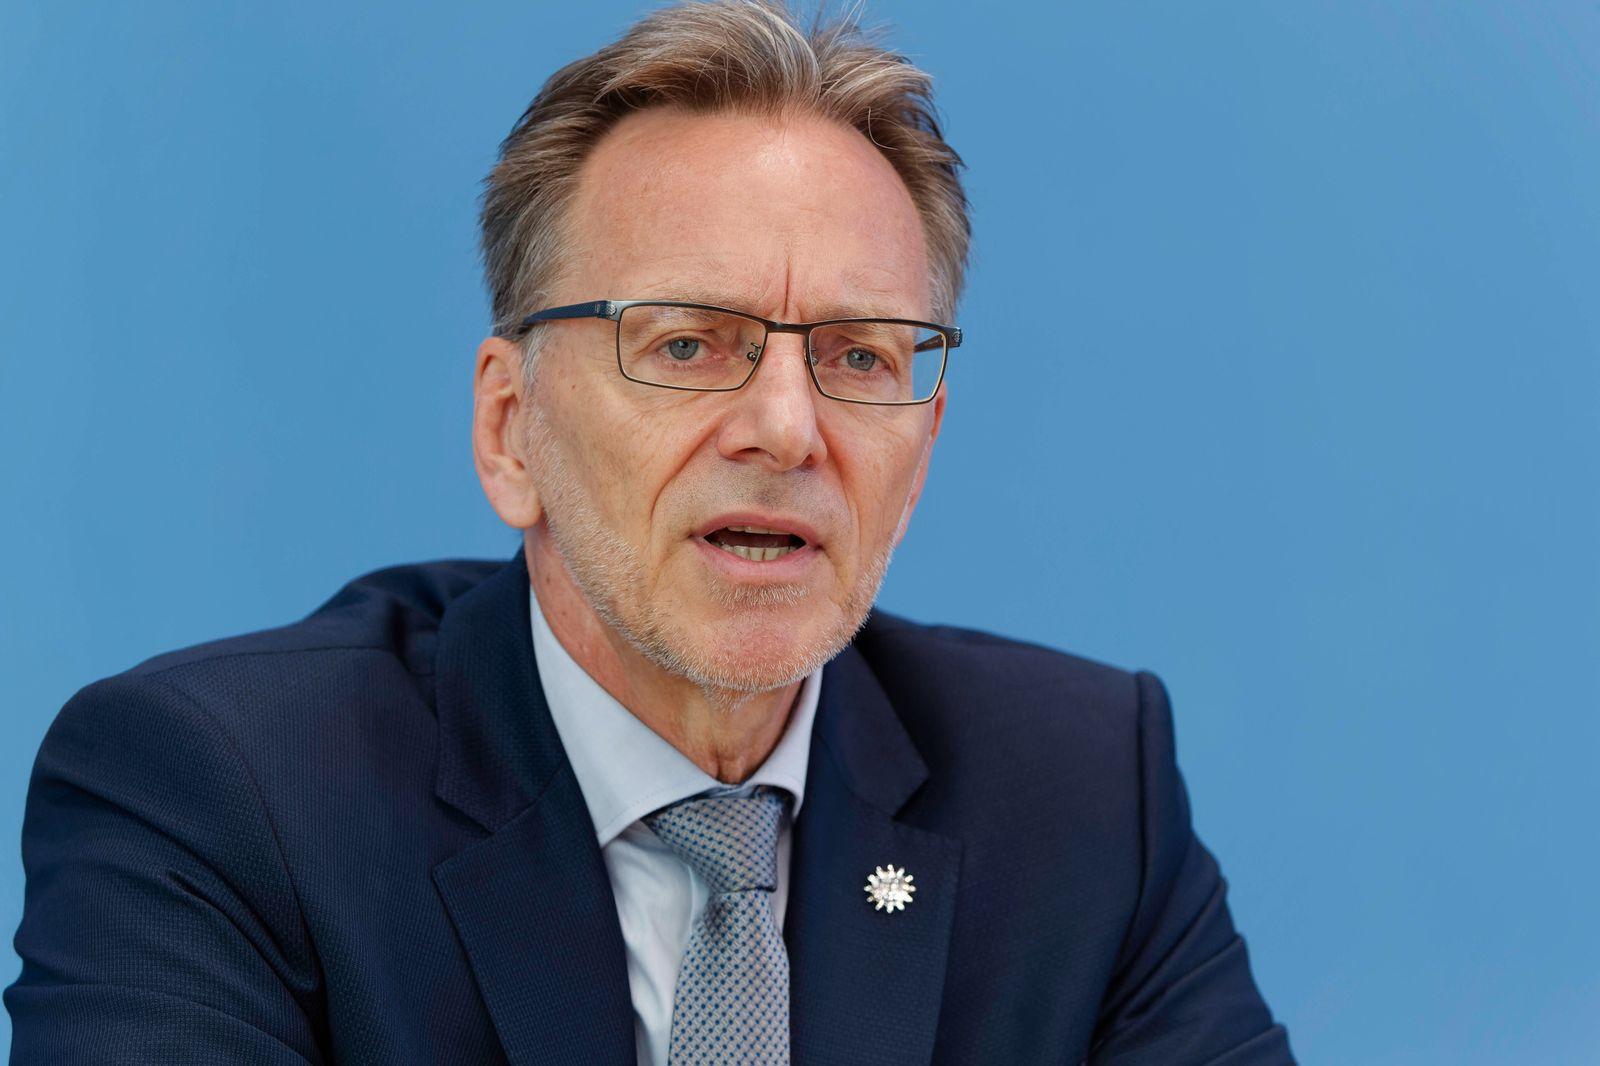 Holger Münch 2021-07-27 - Deutschland, Berlin - Die Drogenbeauftragte der Bundesregierung und Holger Münch, Präsident de